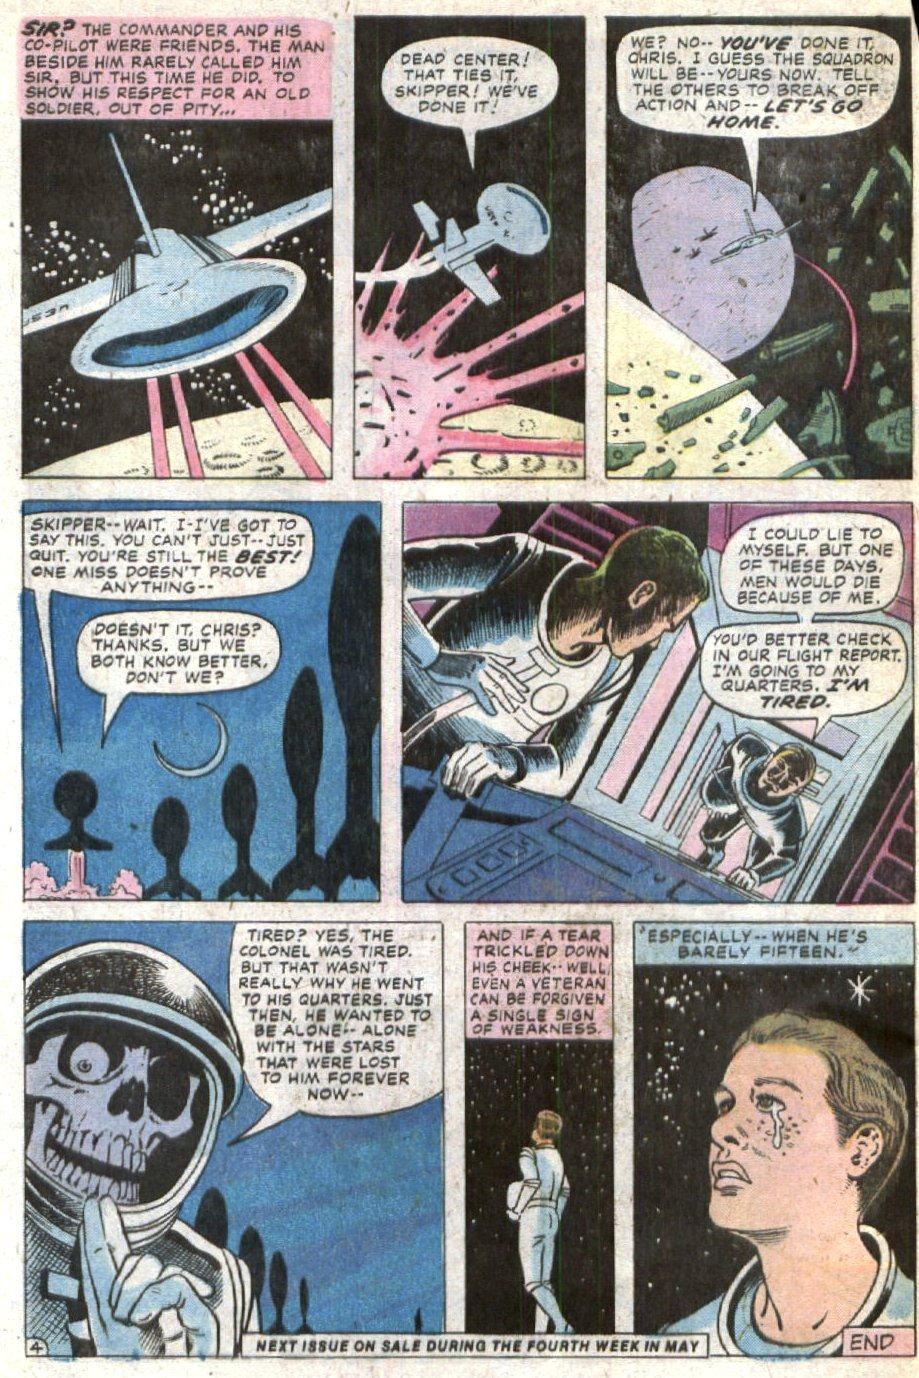 Weird War Tales (1971) #27 pg30.